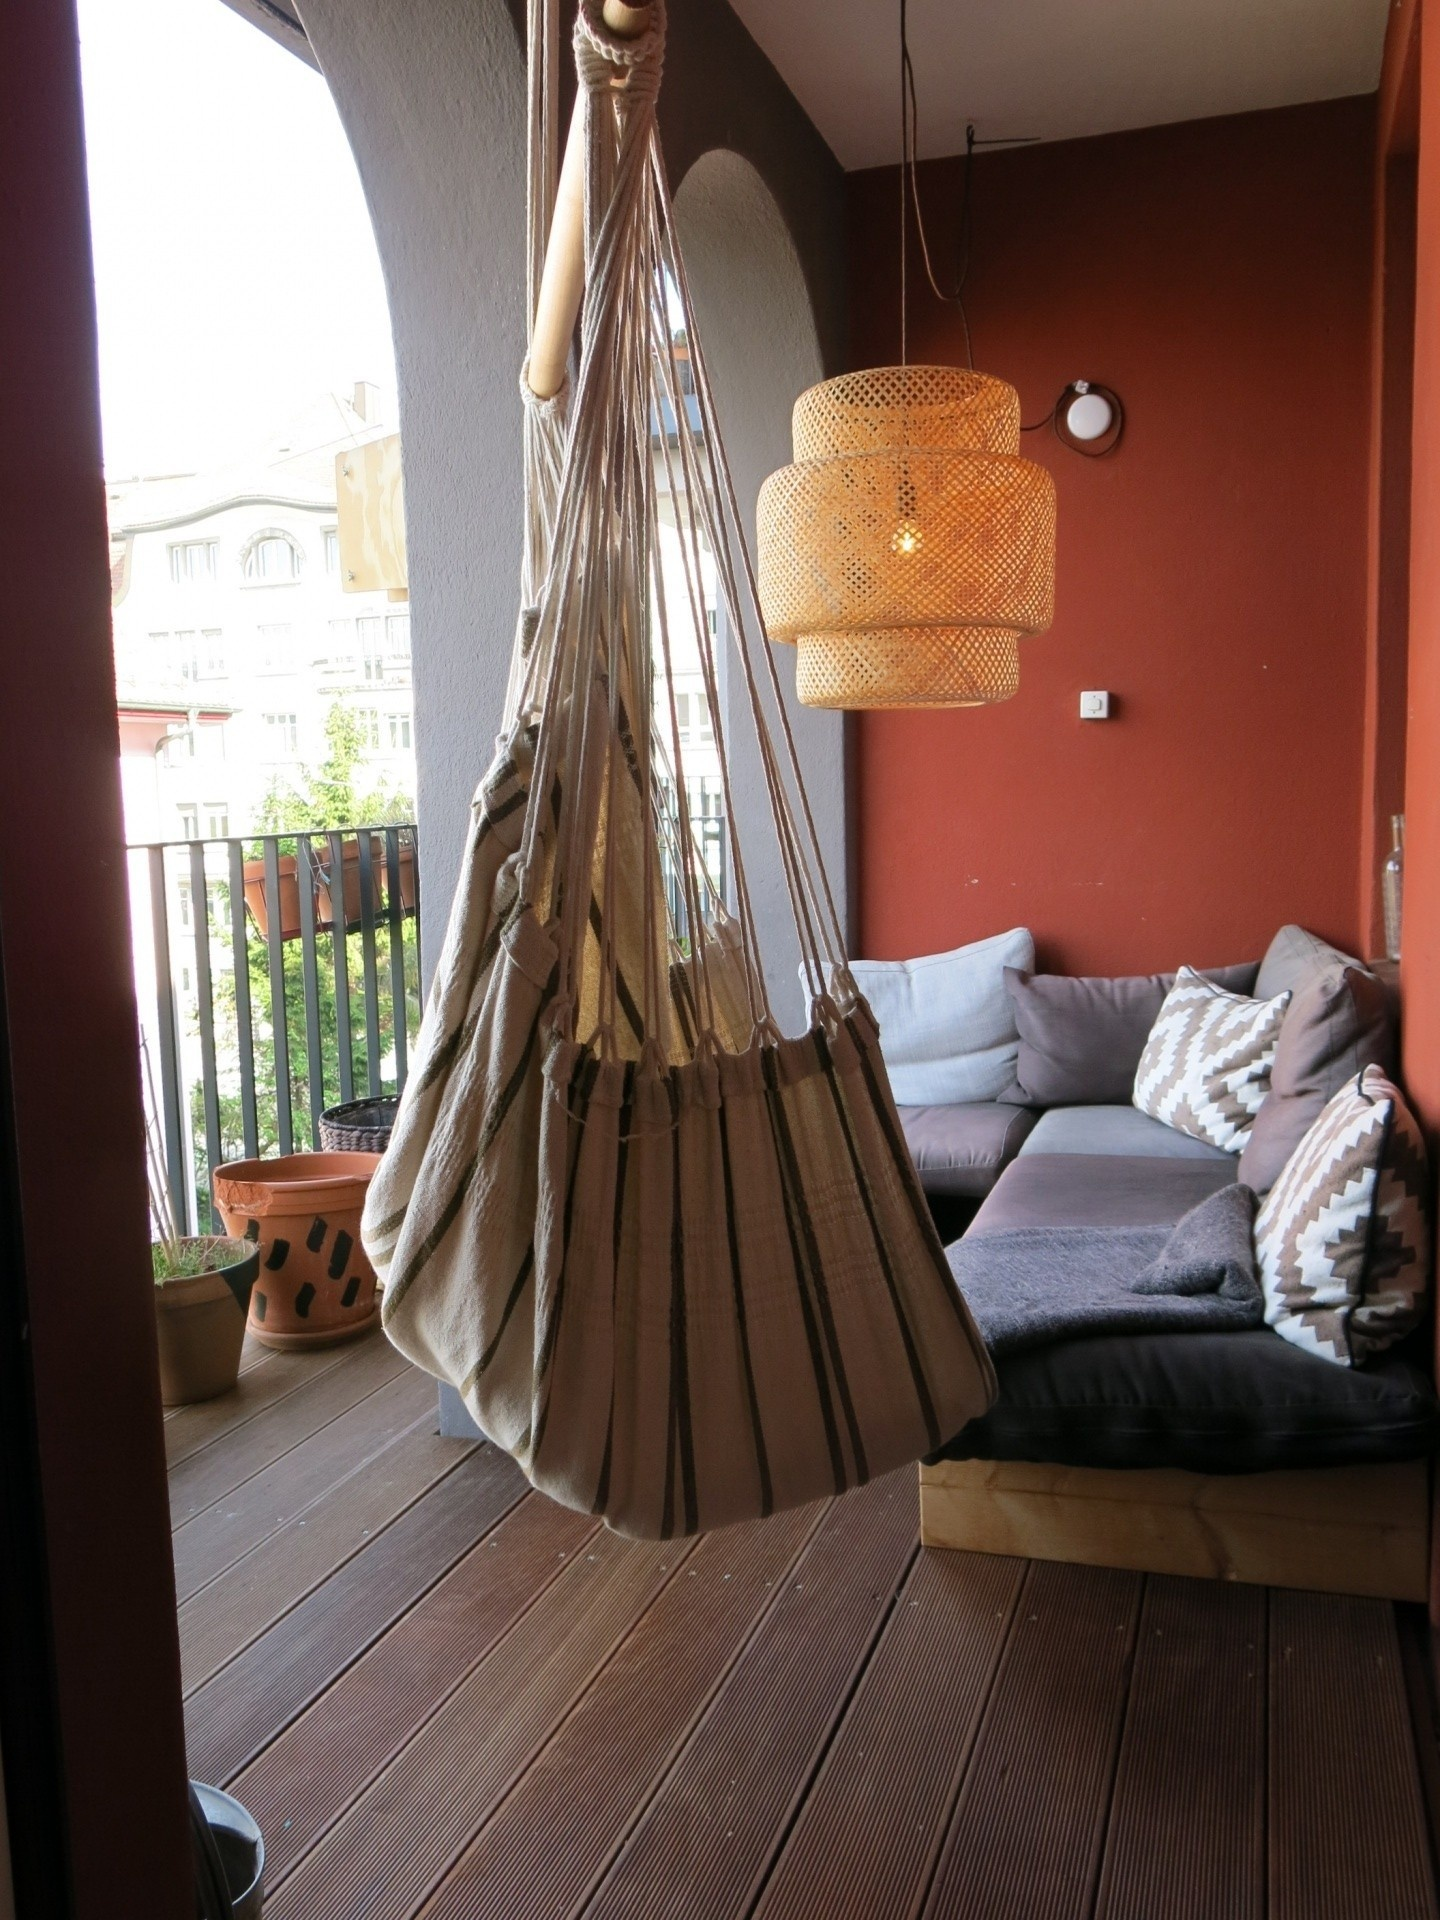 wohnzimmerz: wohnzimmer planen online kostenlos with online planen